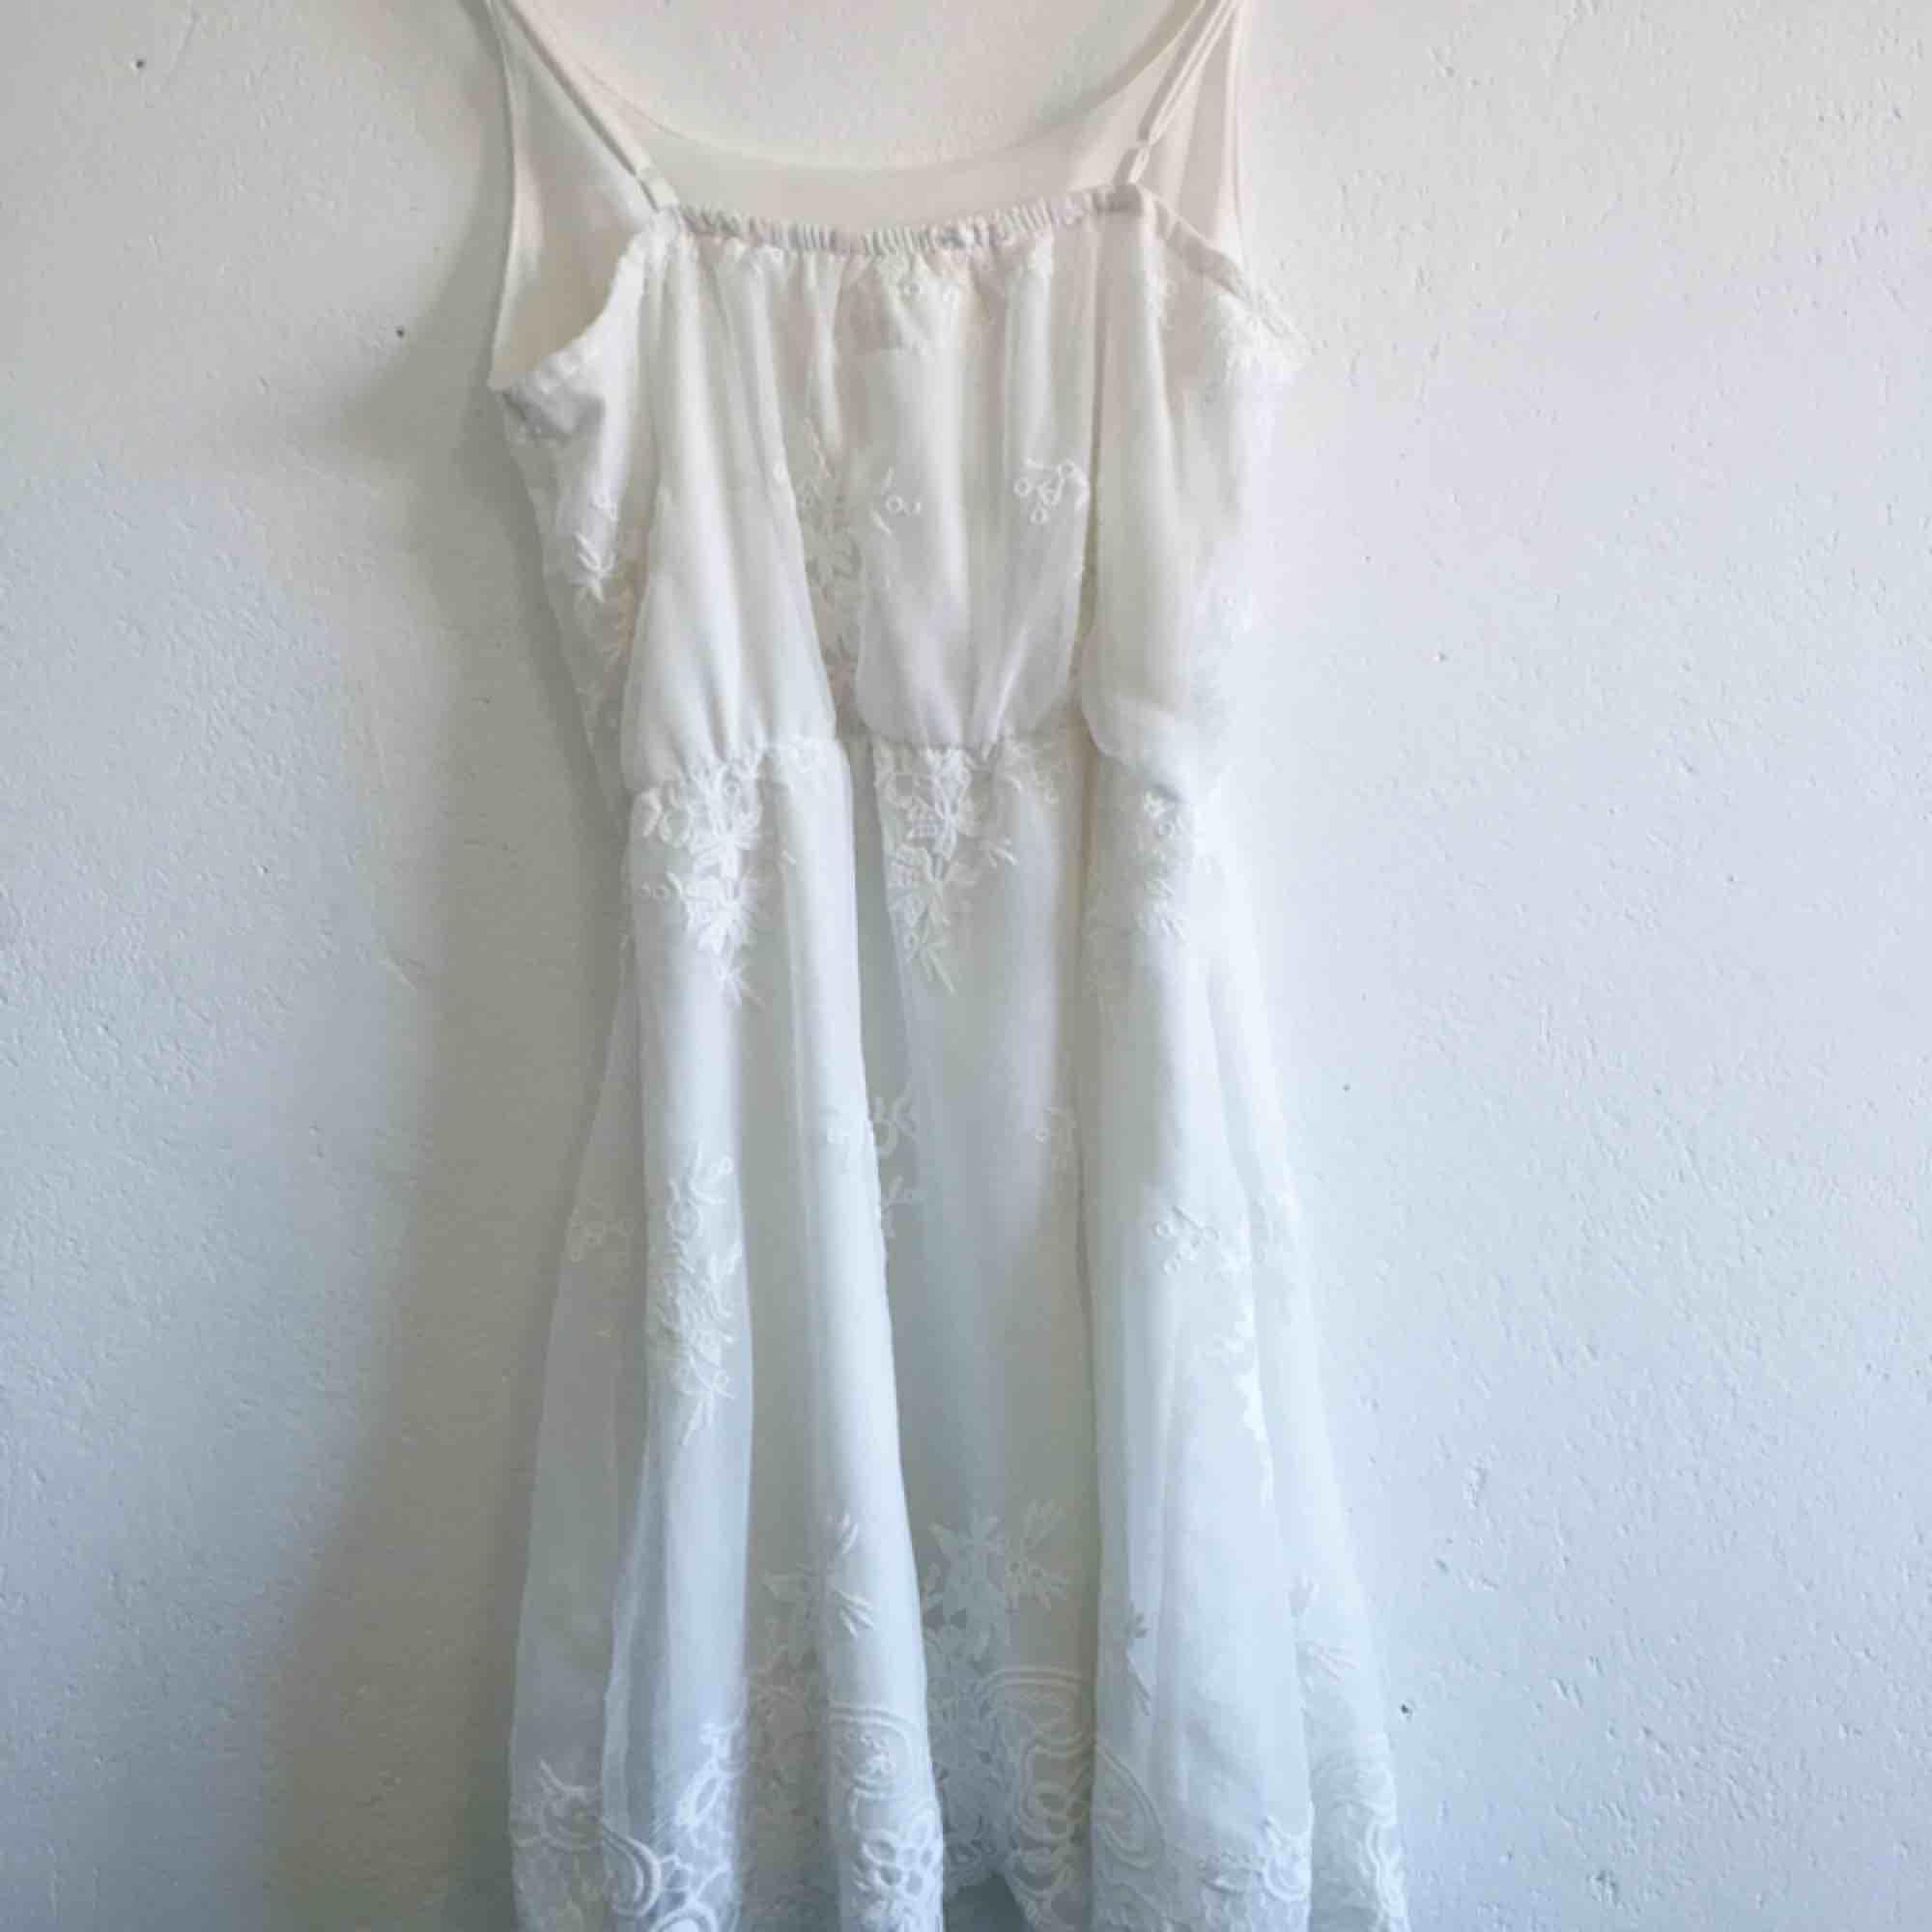 Vit klänning perfekt till skolavslutning eller student! Inköpt för 700kr men säljes billigt pga litet hål i midjan som enkelt kan sys ihop! Frakten ingår!. Klänningar.